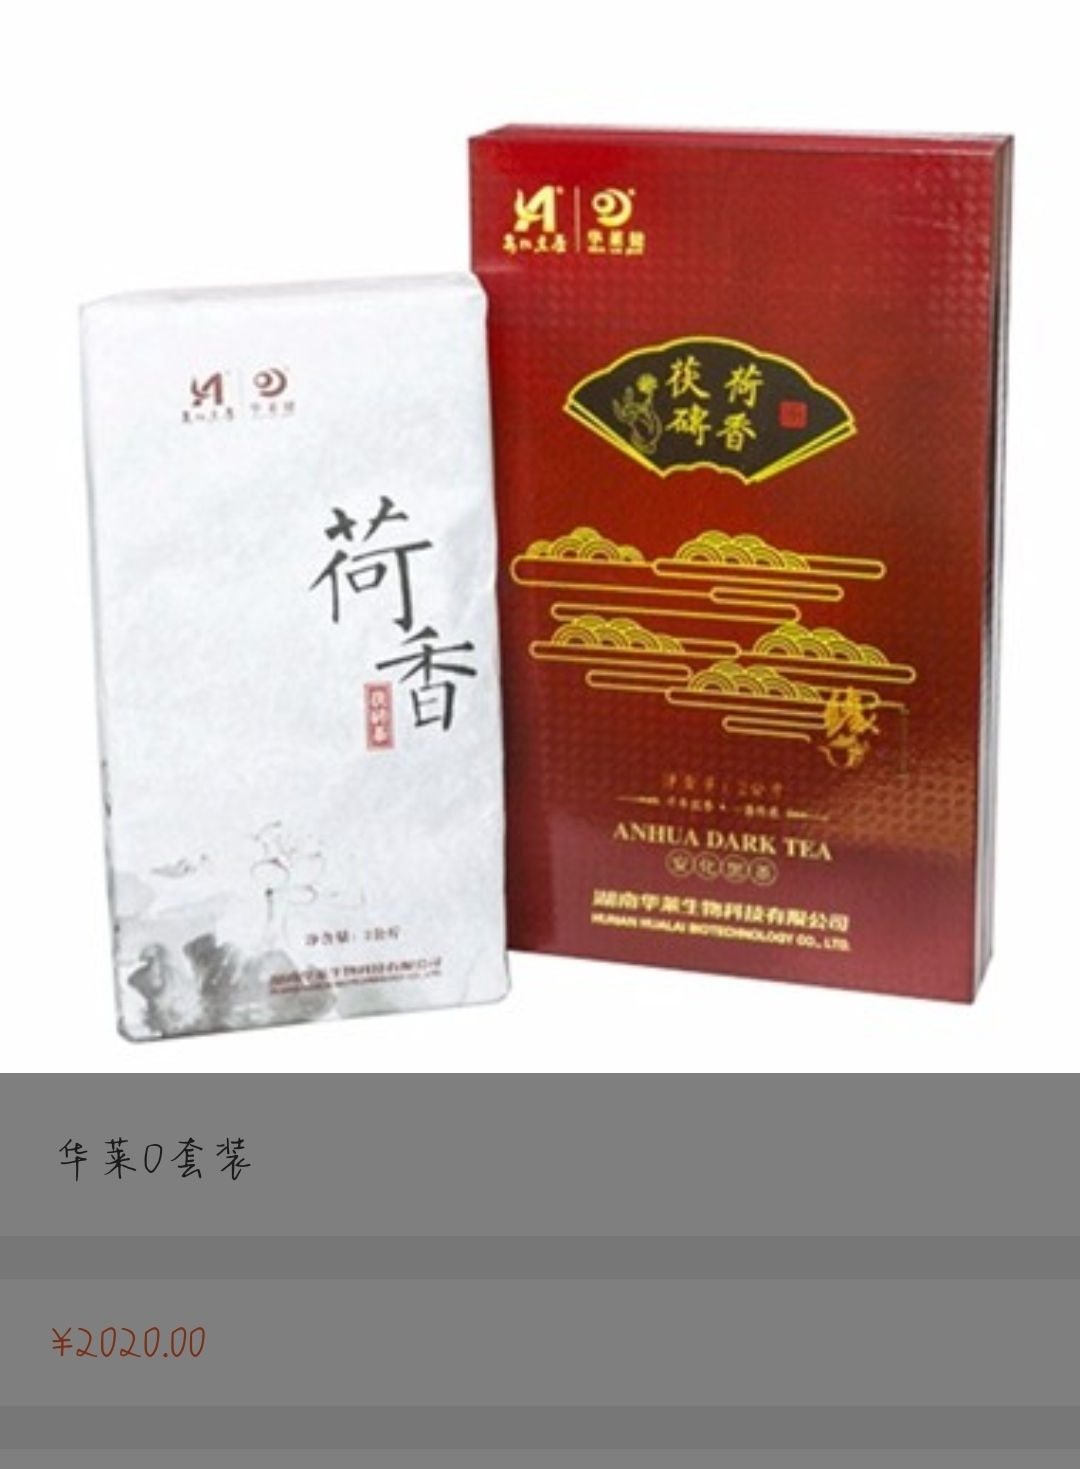 荷香(茯砖)